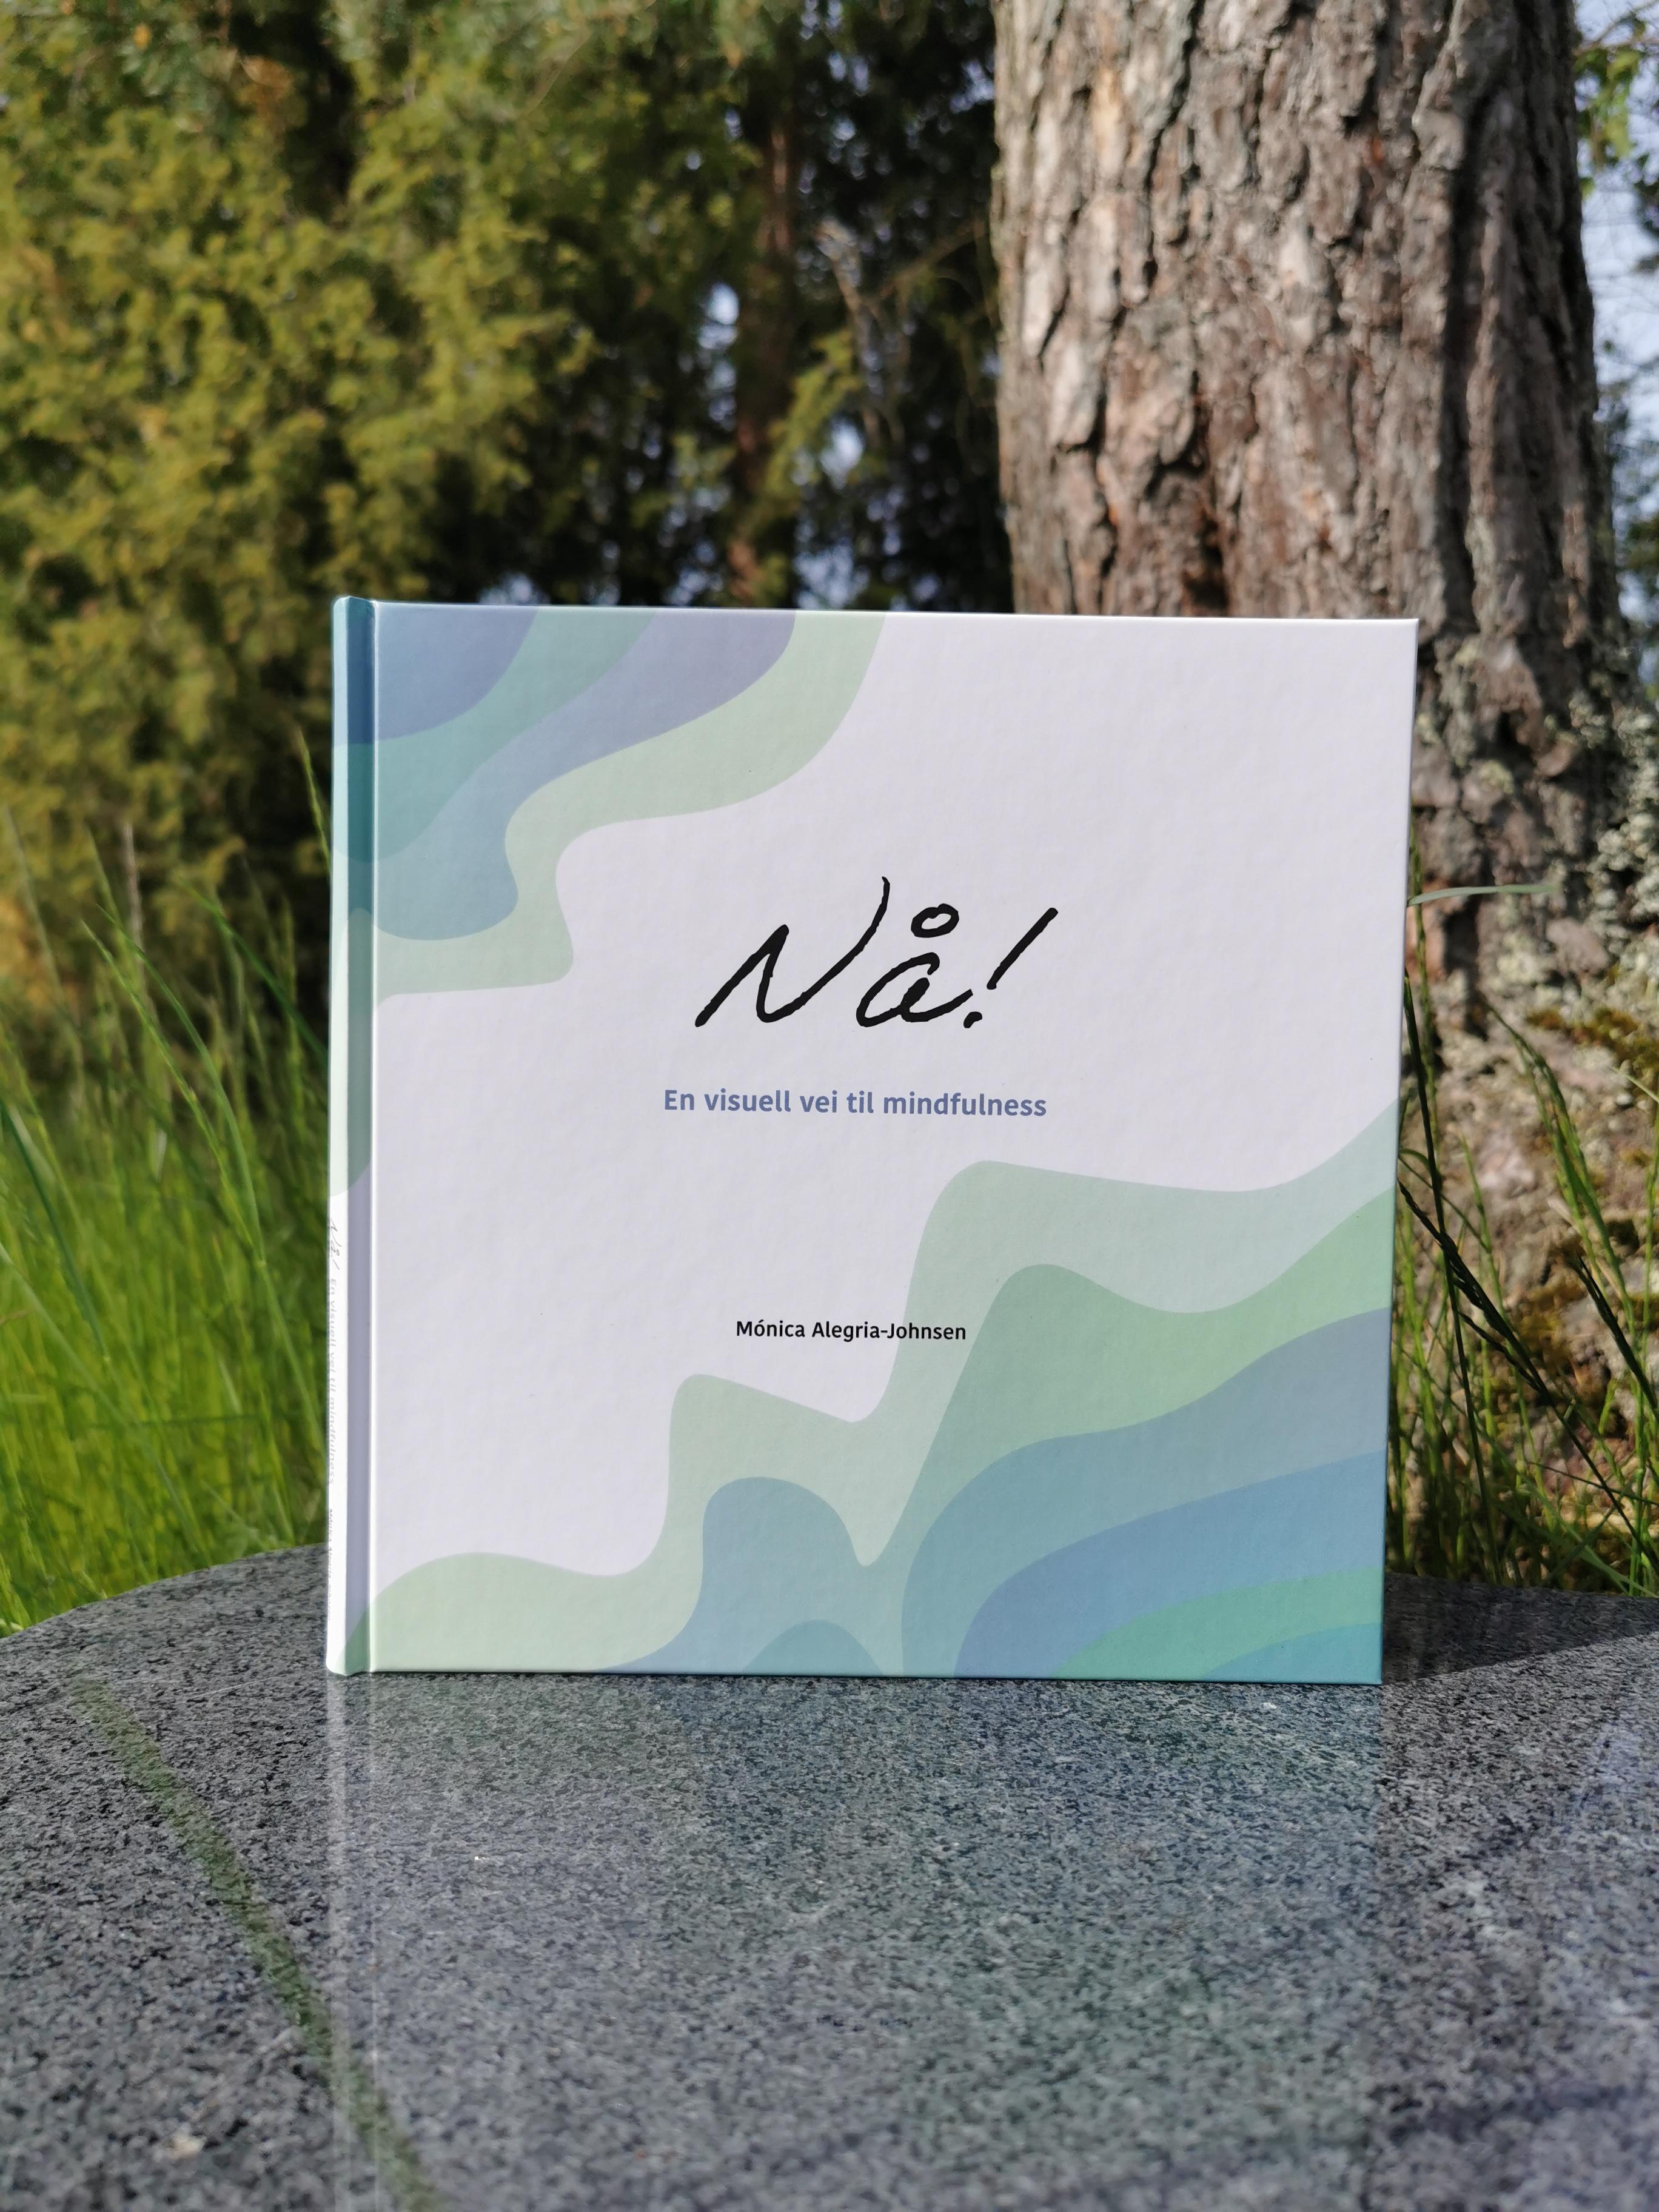 Westerdals Institutt for Kommunikasjon og Design - Mónica Alegria-Johnsen